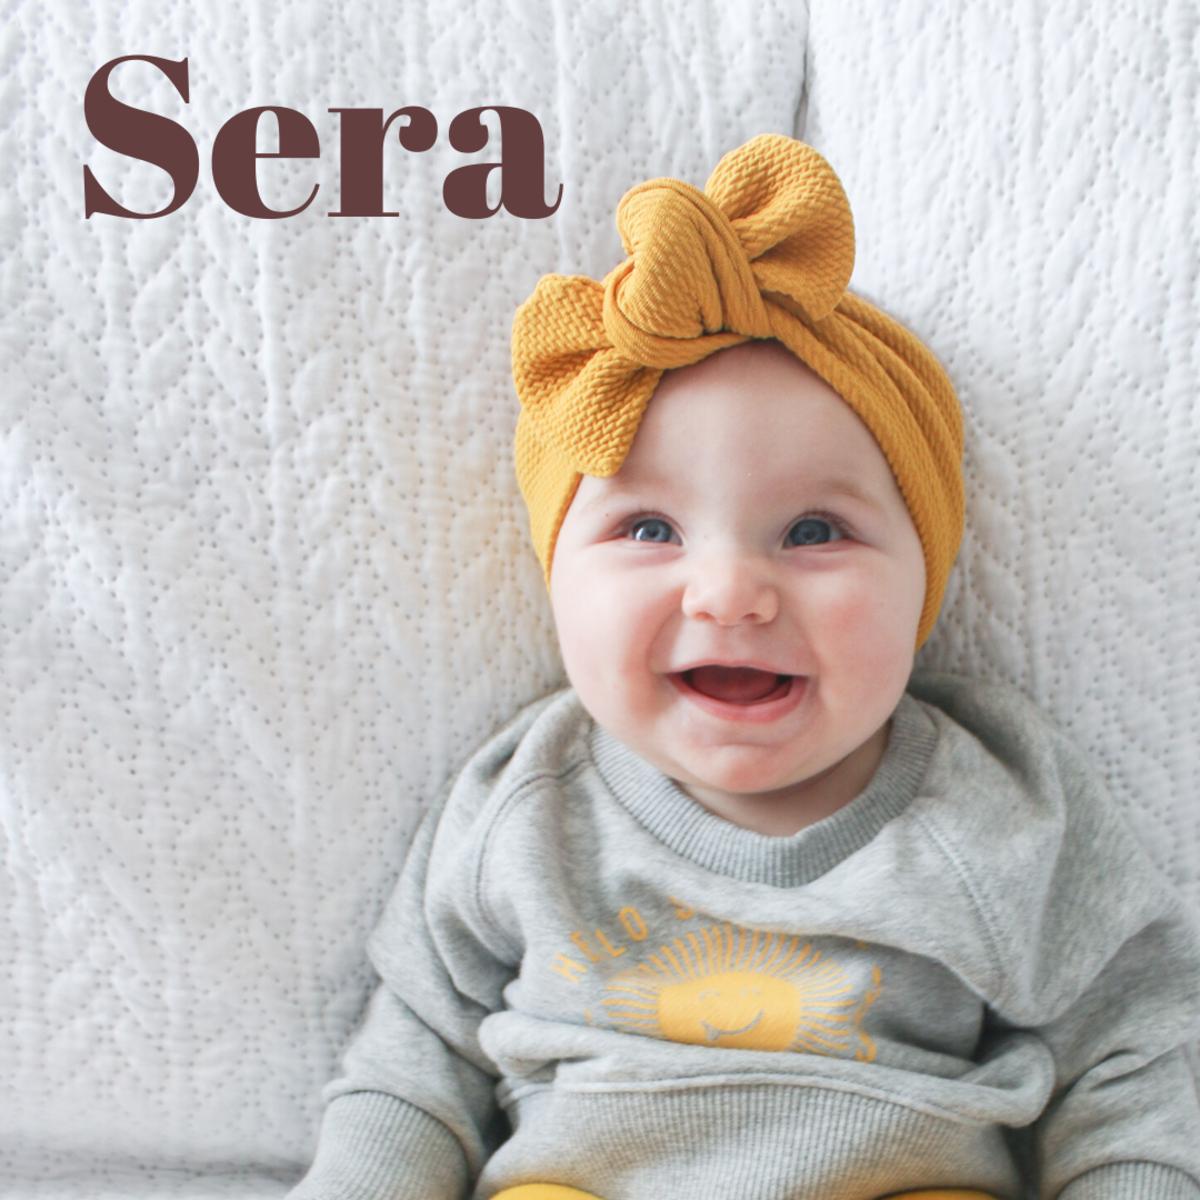 Baby Sera